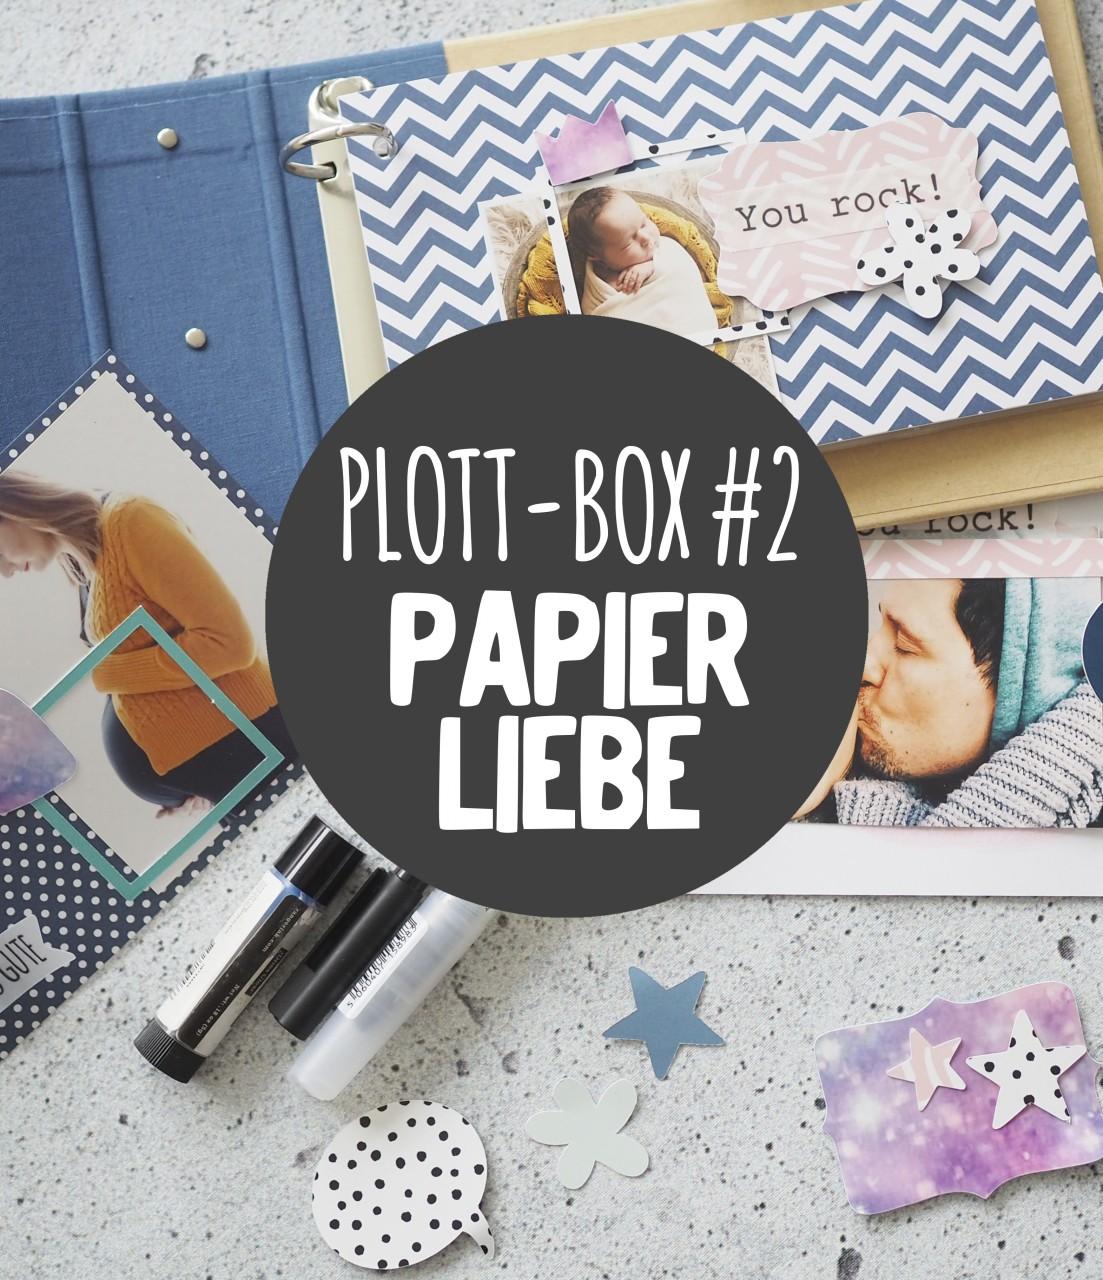 Deine Plottbox #2 Papierliebe - DIY Projekte für den Plotter inkl. Vorlagen, Material und Anleitung